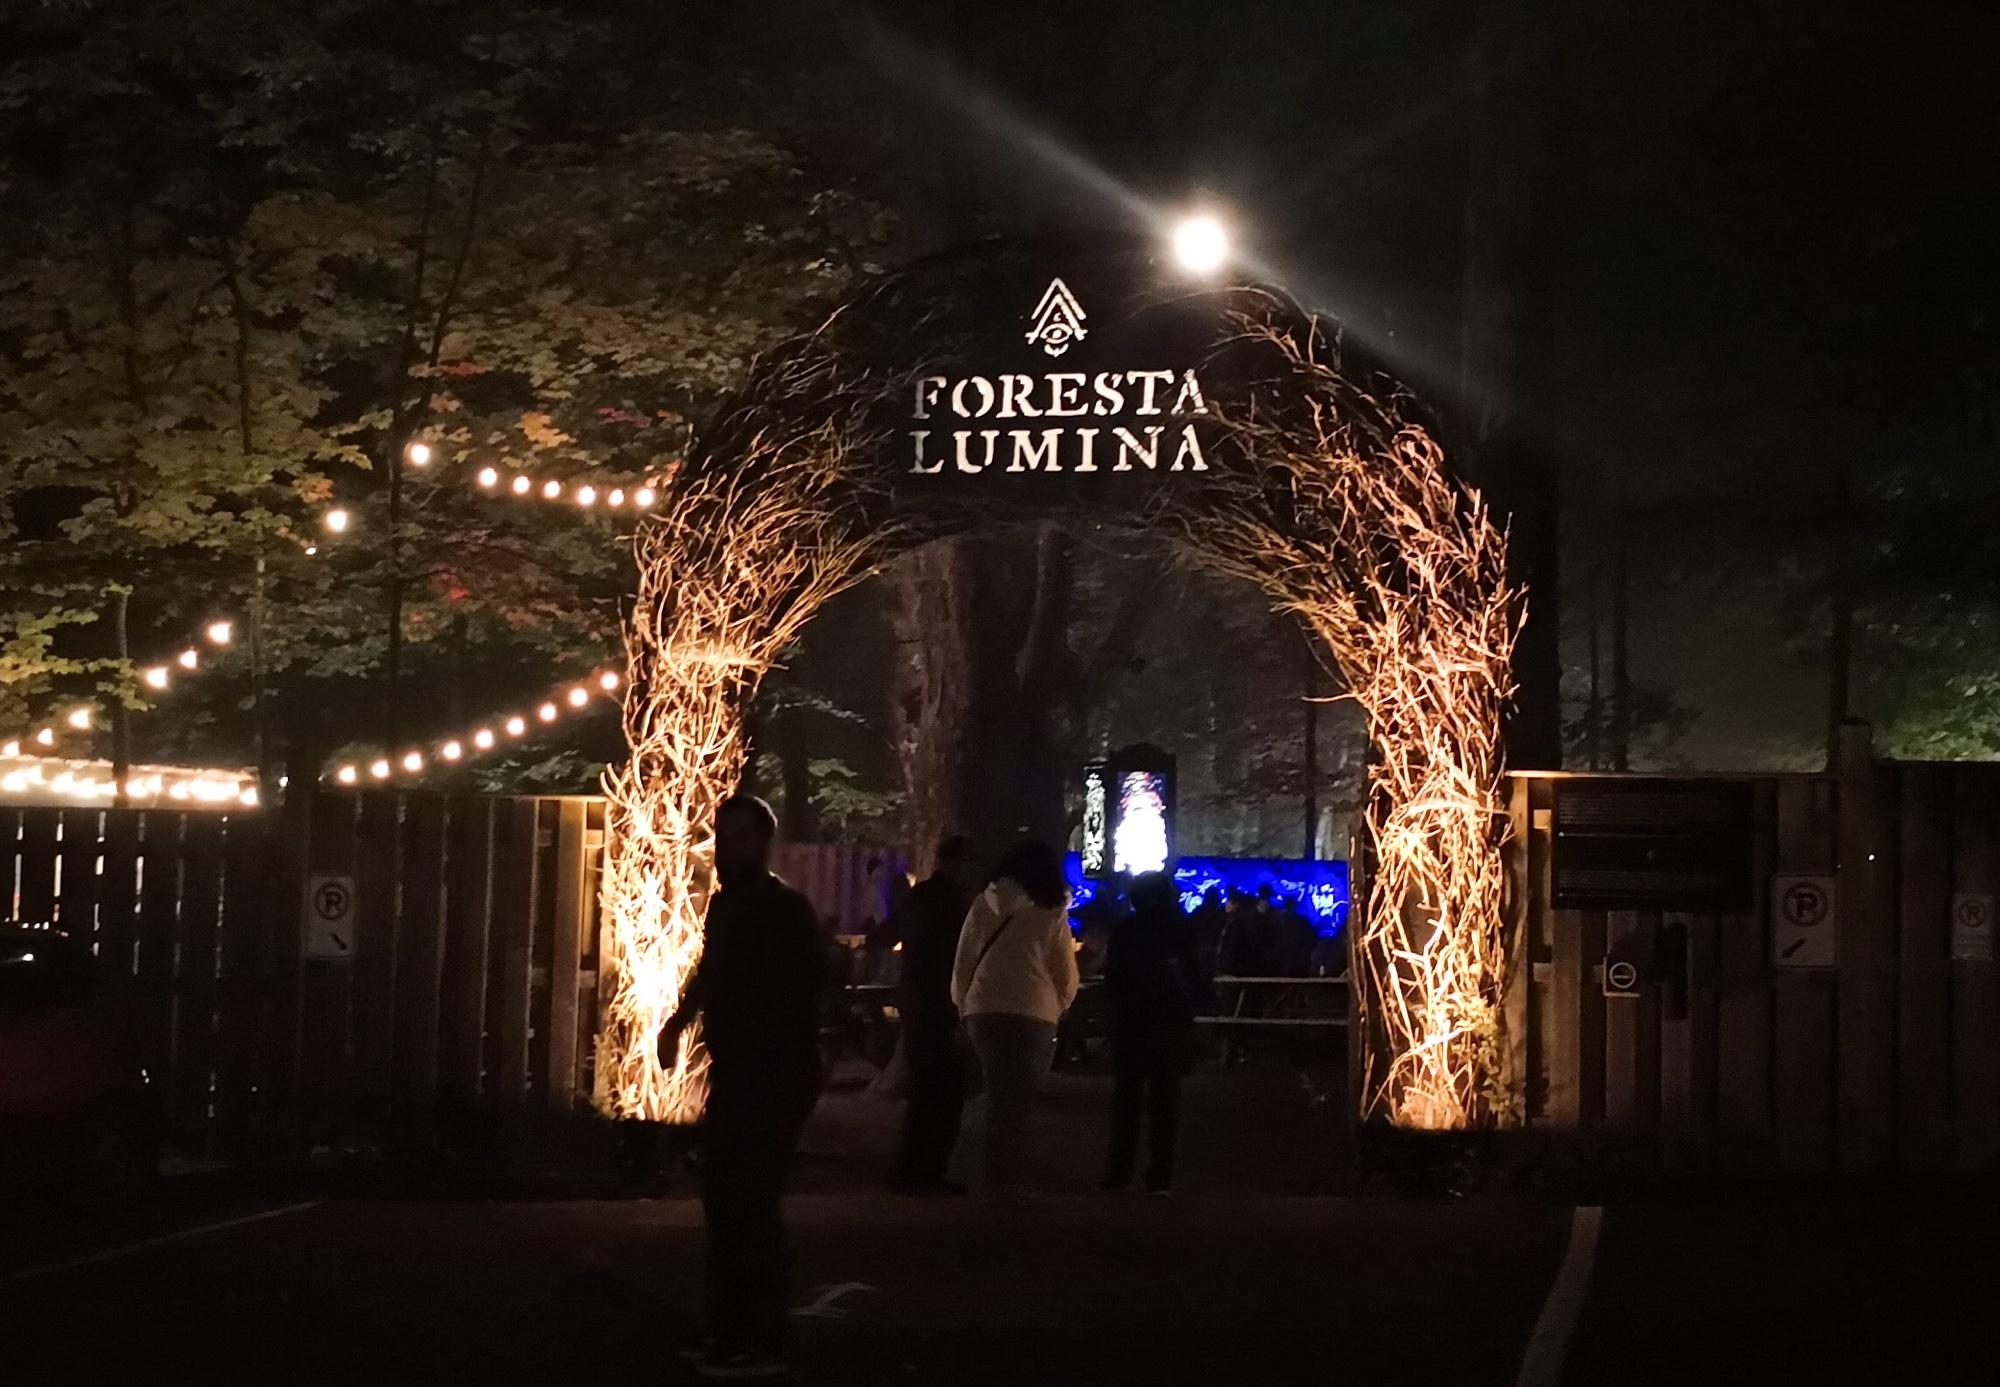 イースタンタウンシップス 夜の観光 フォレスタルミナ